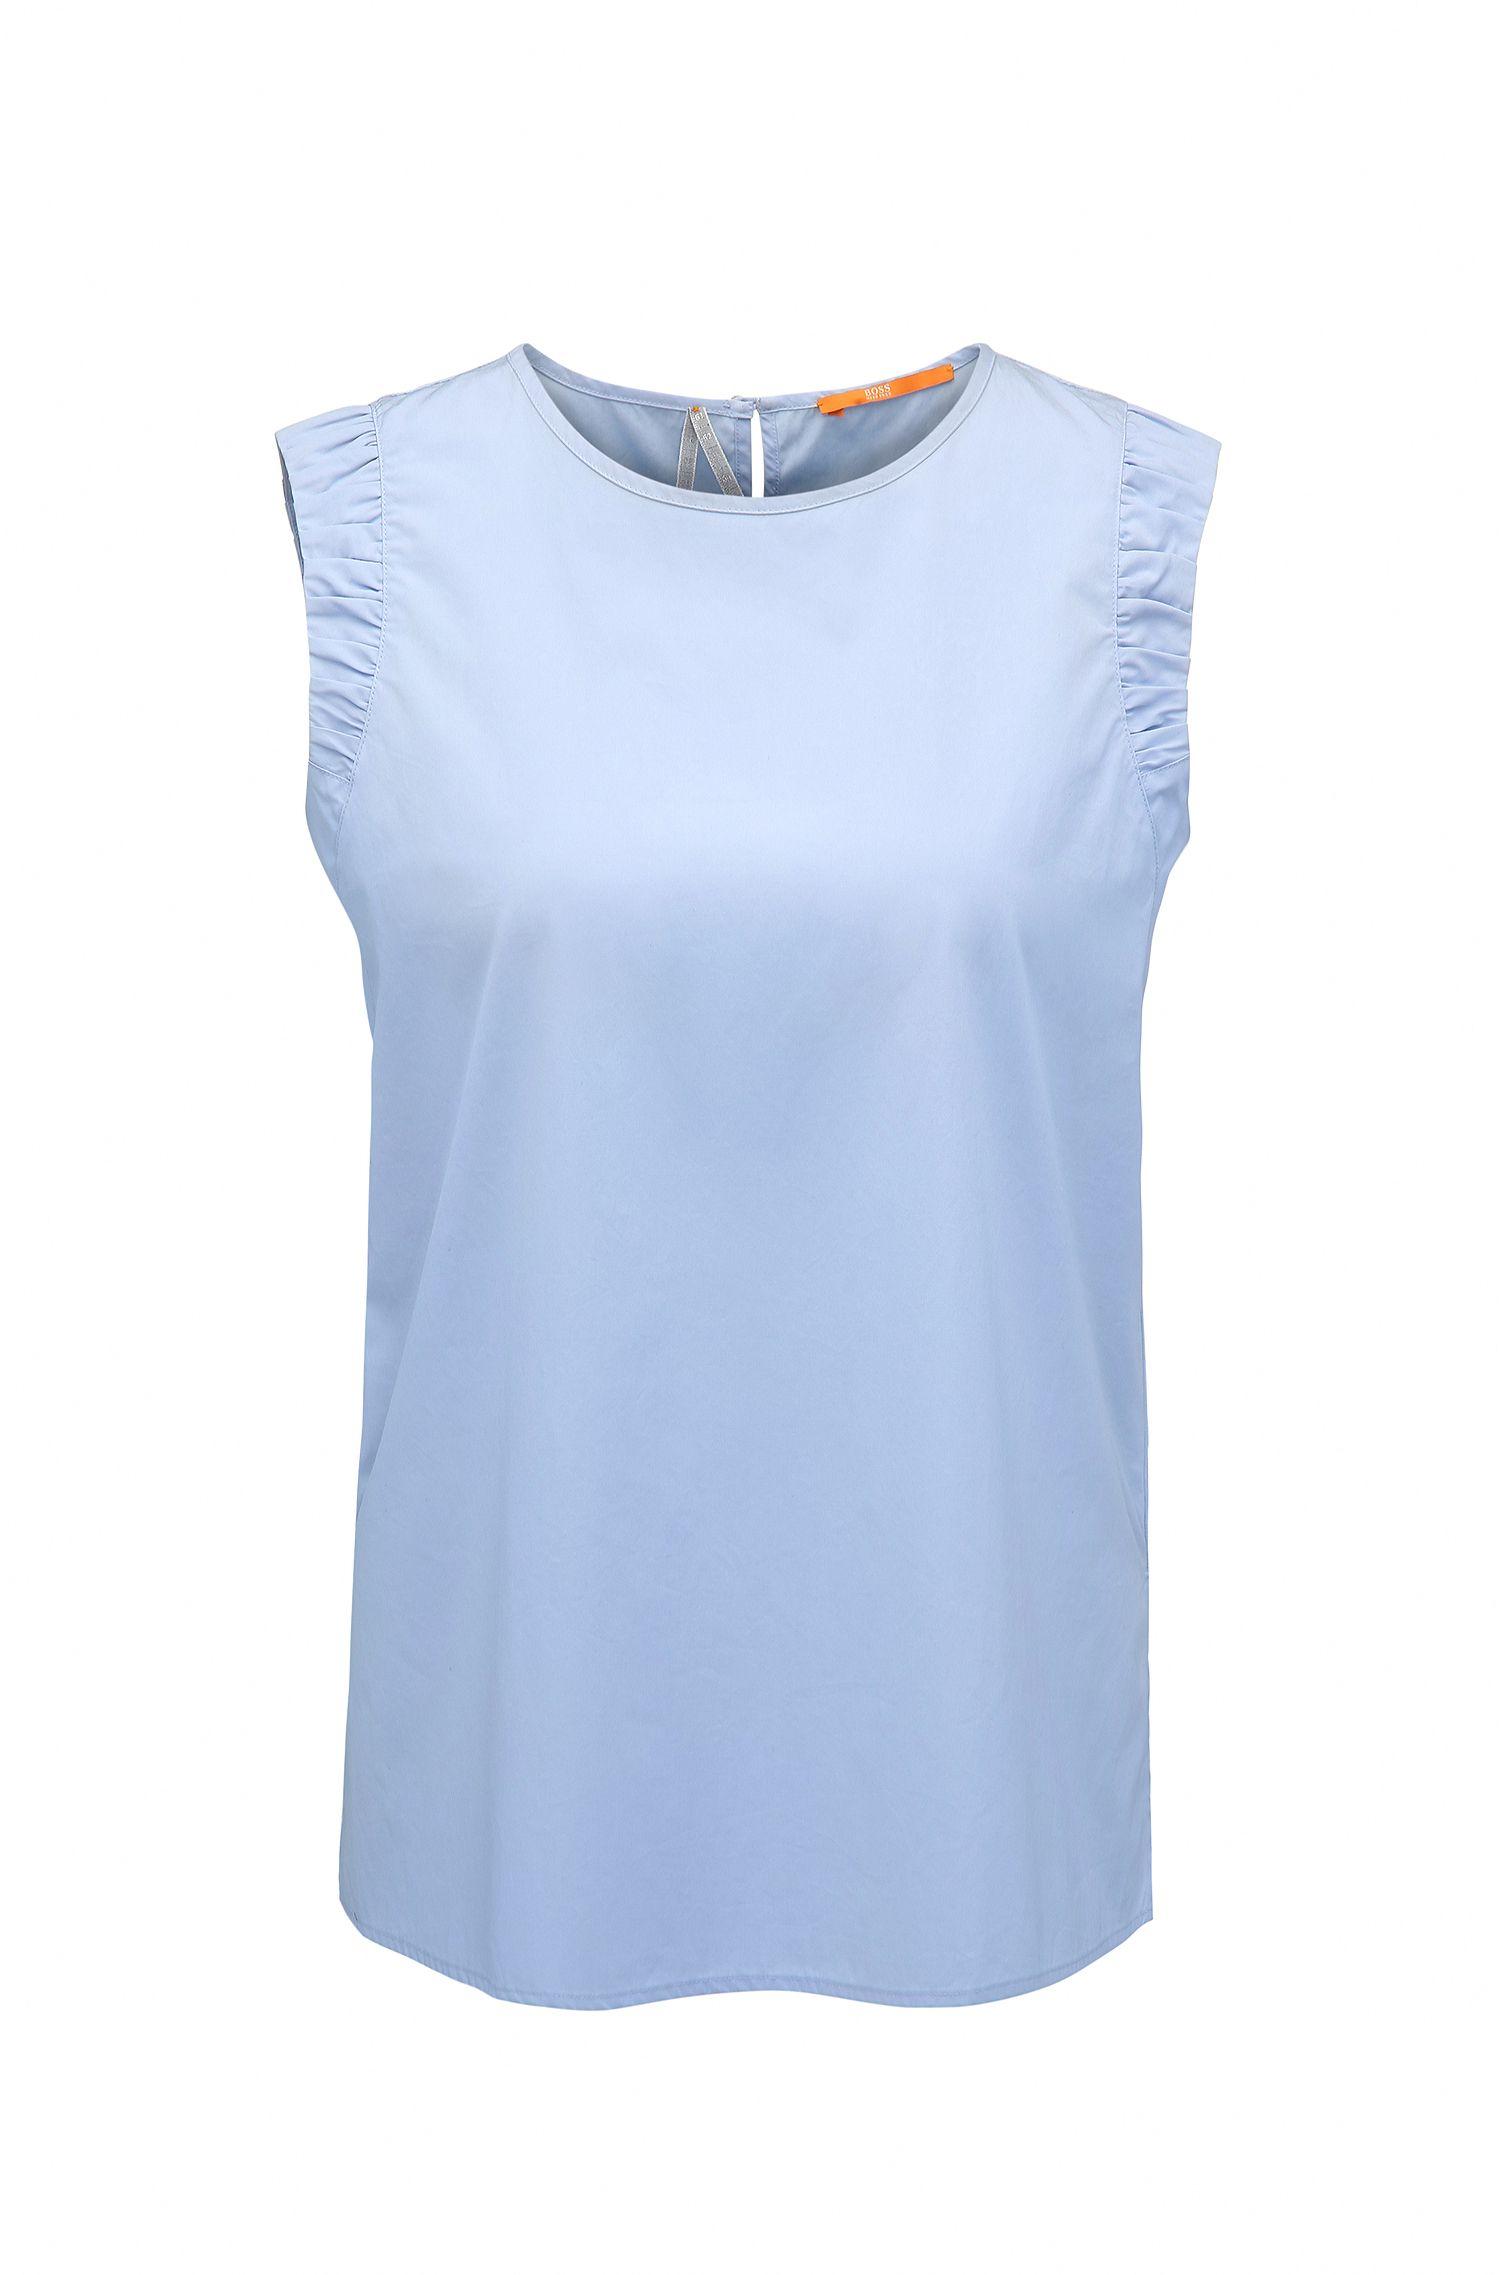 Ärmellose Bluse aus Baumwoll-Popeline mit Seitenschlitzen